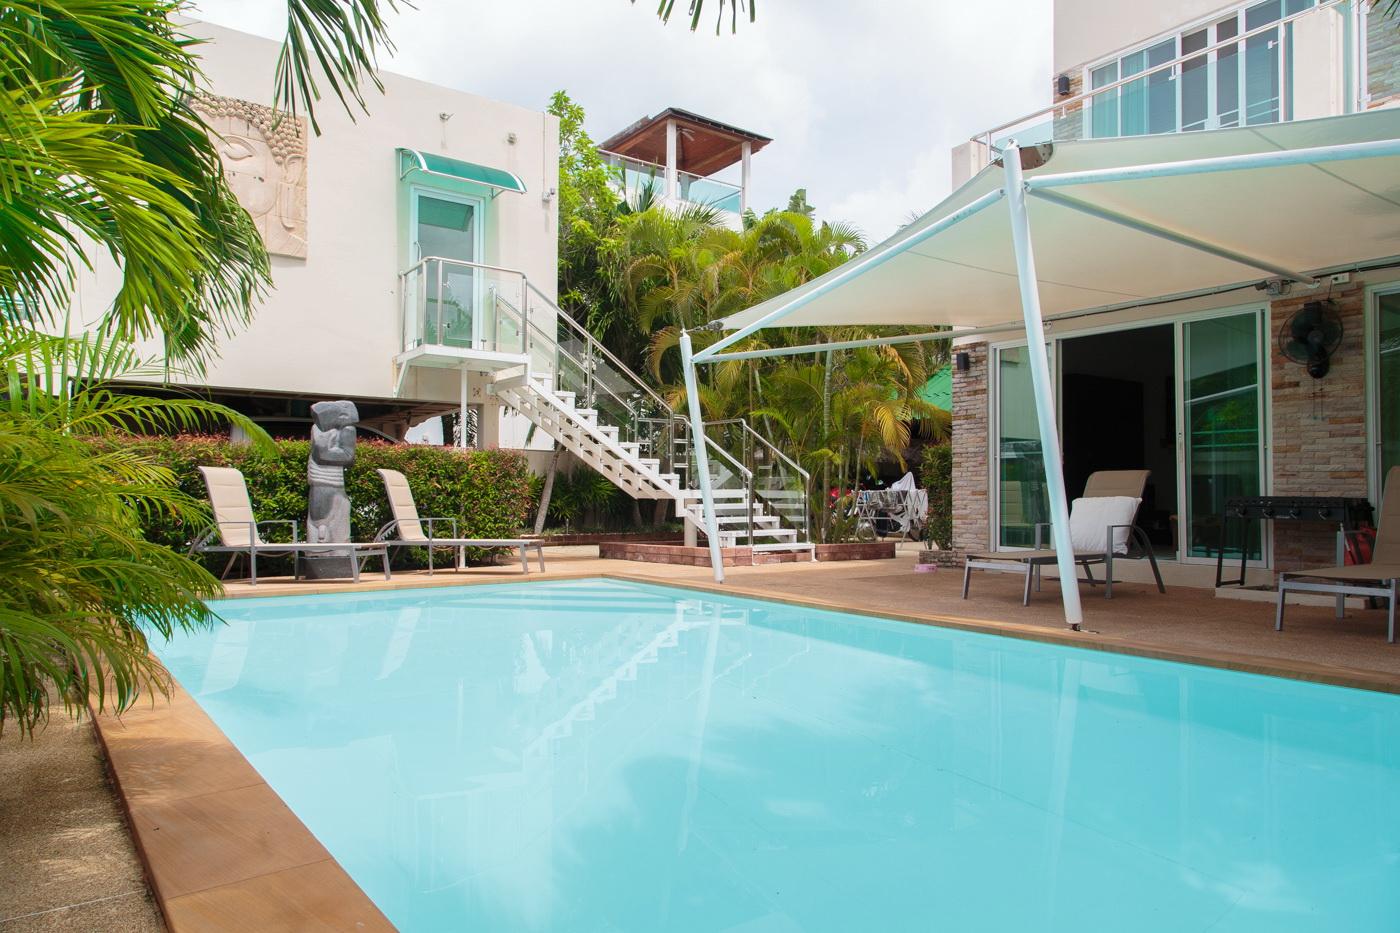 Swimming Pool Phuket Property Phuket Property